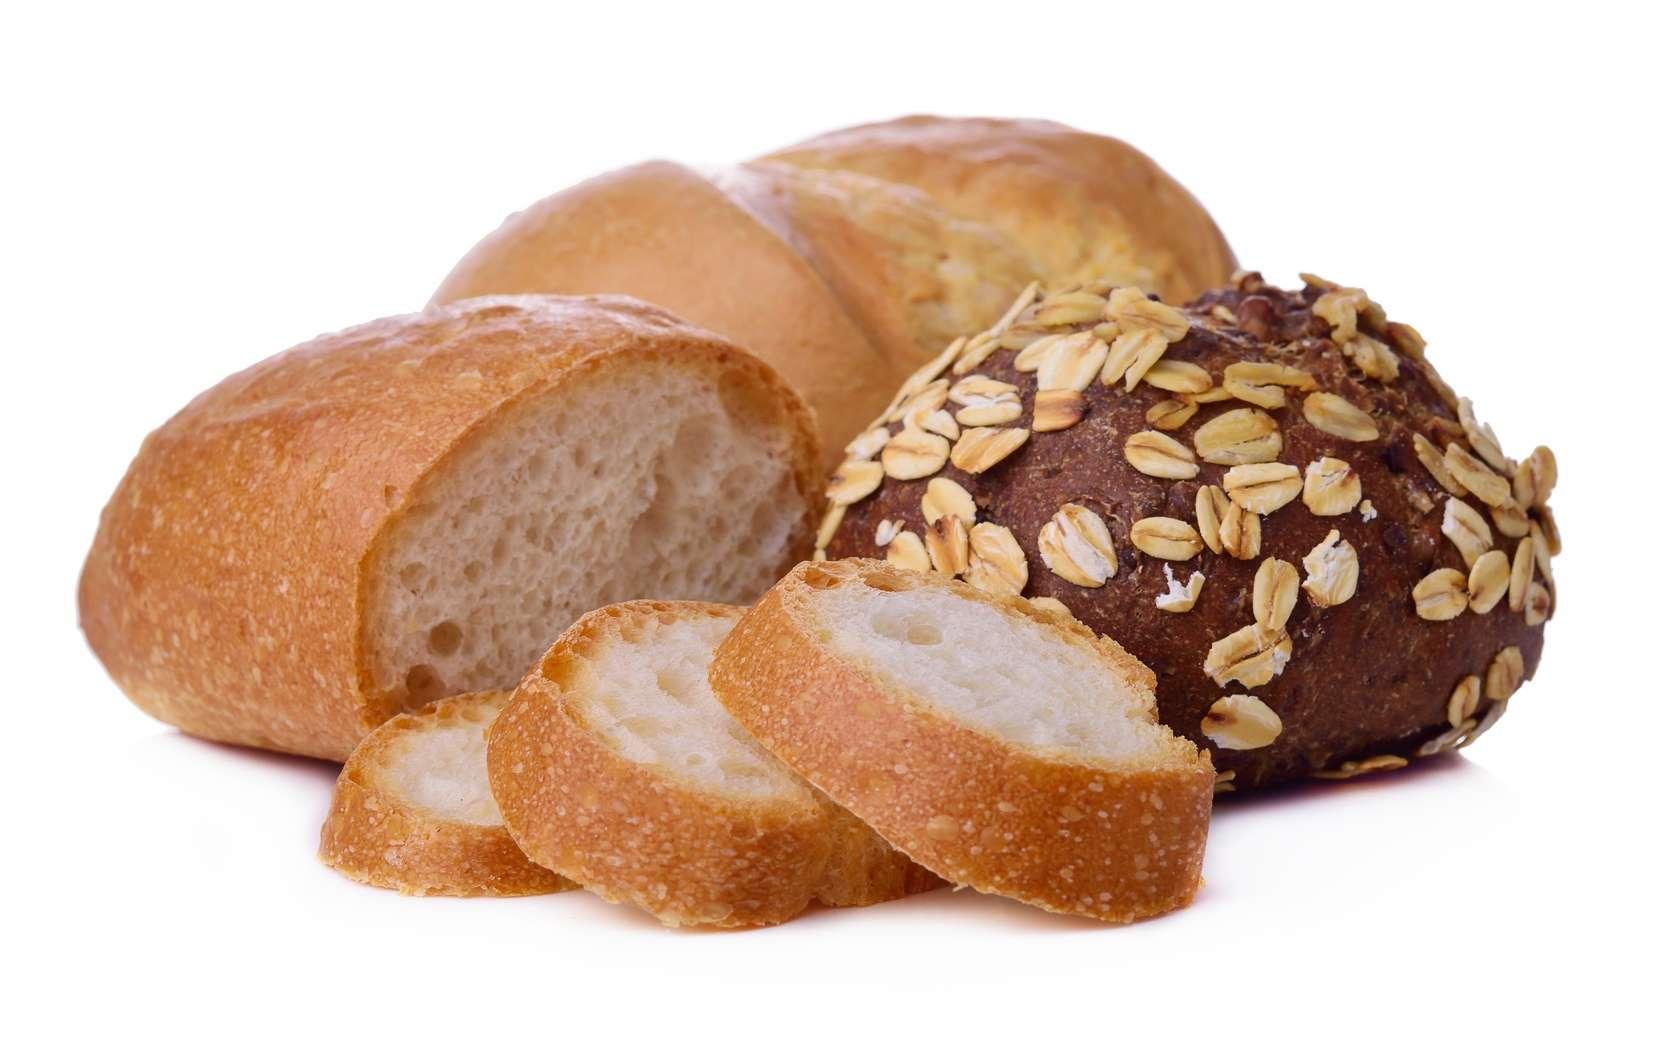 Le pain blanc a un IG élevé. © yingtushutter, Fotolia